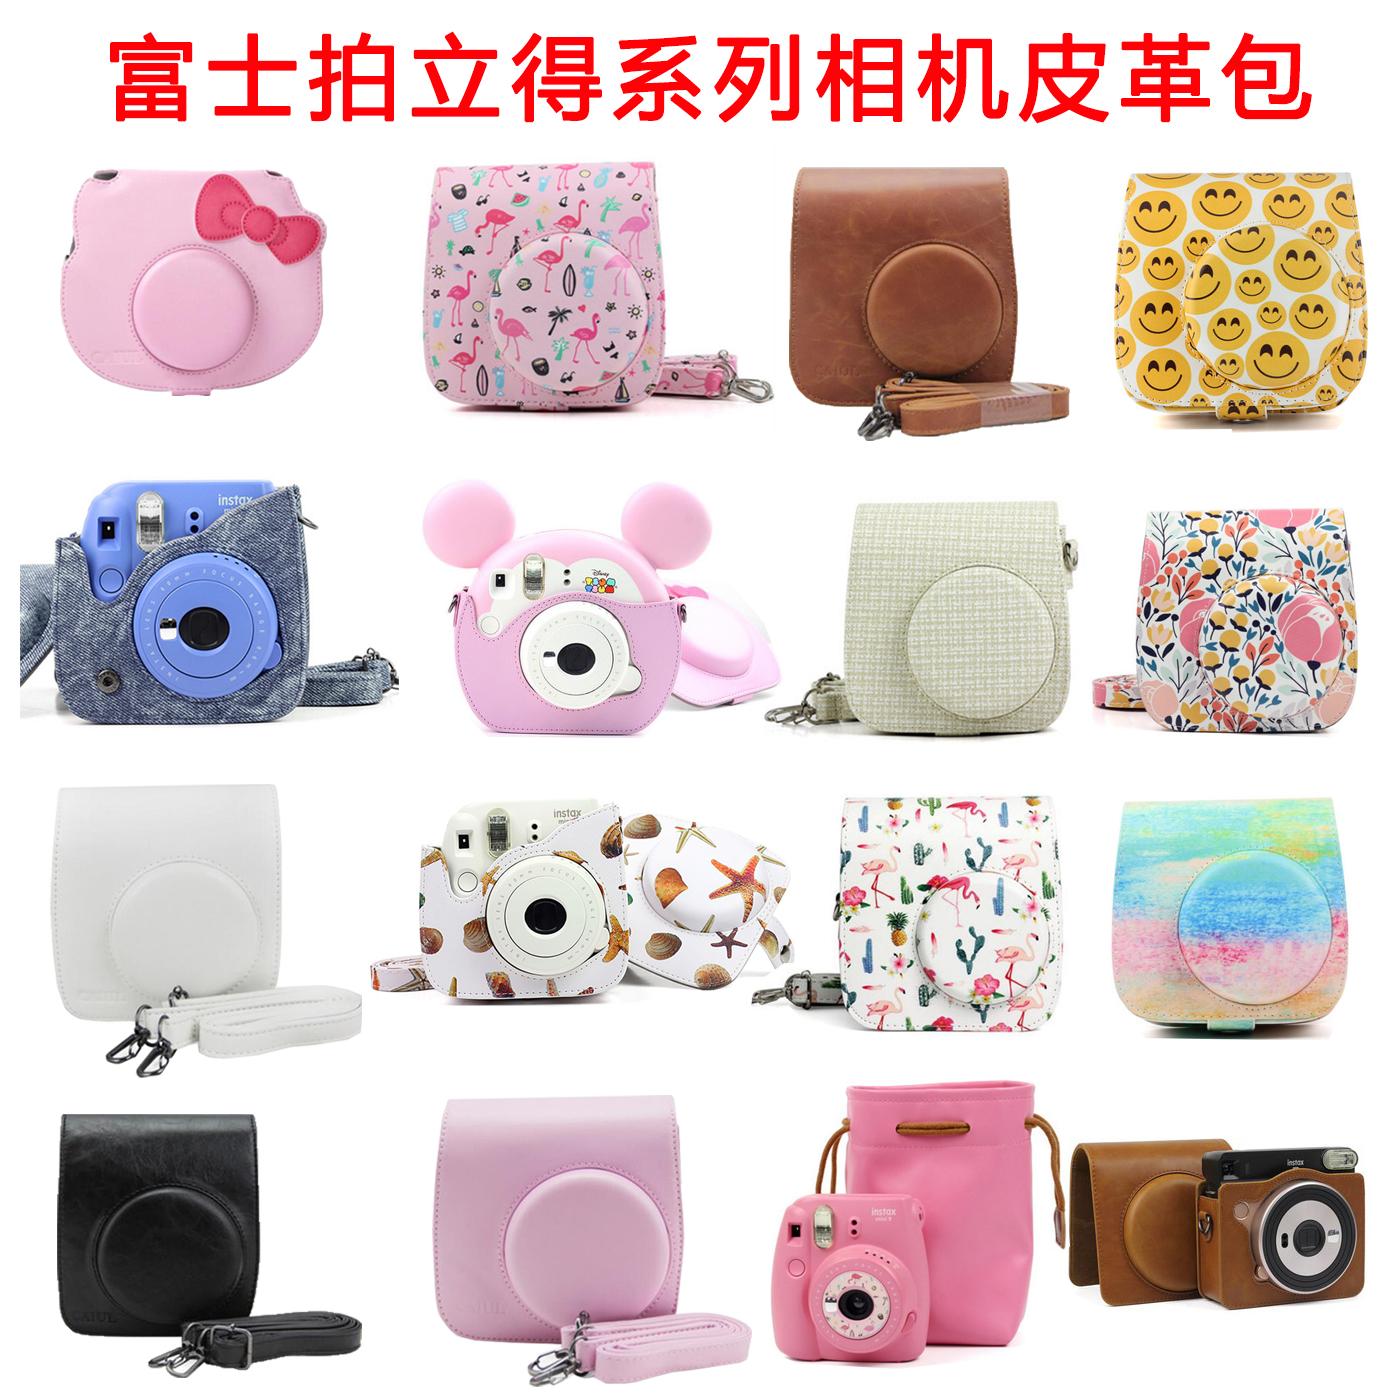 Кожа пакет Поляроидная камера Fujifilm пакет Mini8 // 9 / 7c / 7s / 25/70/90 / свободный защитный футляр чехол